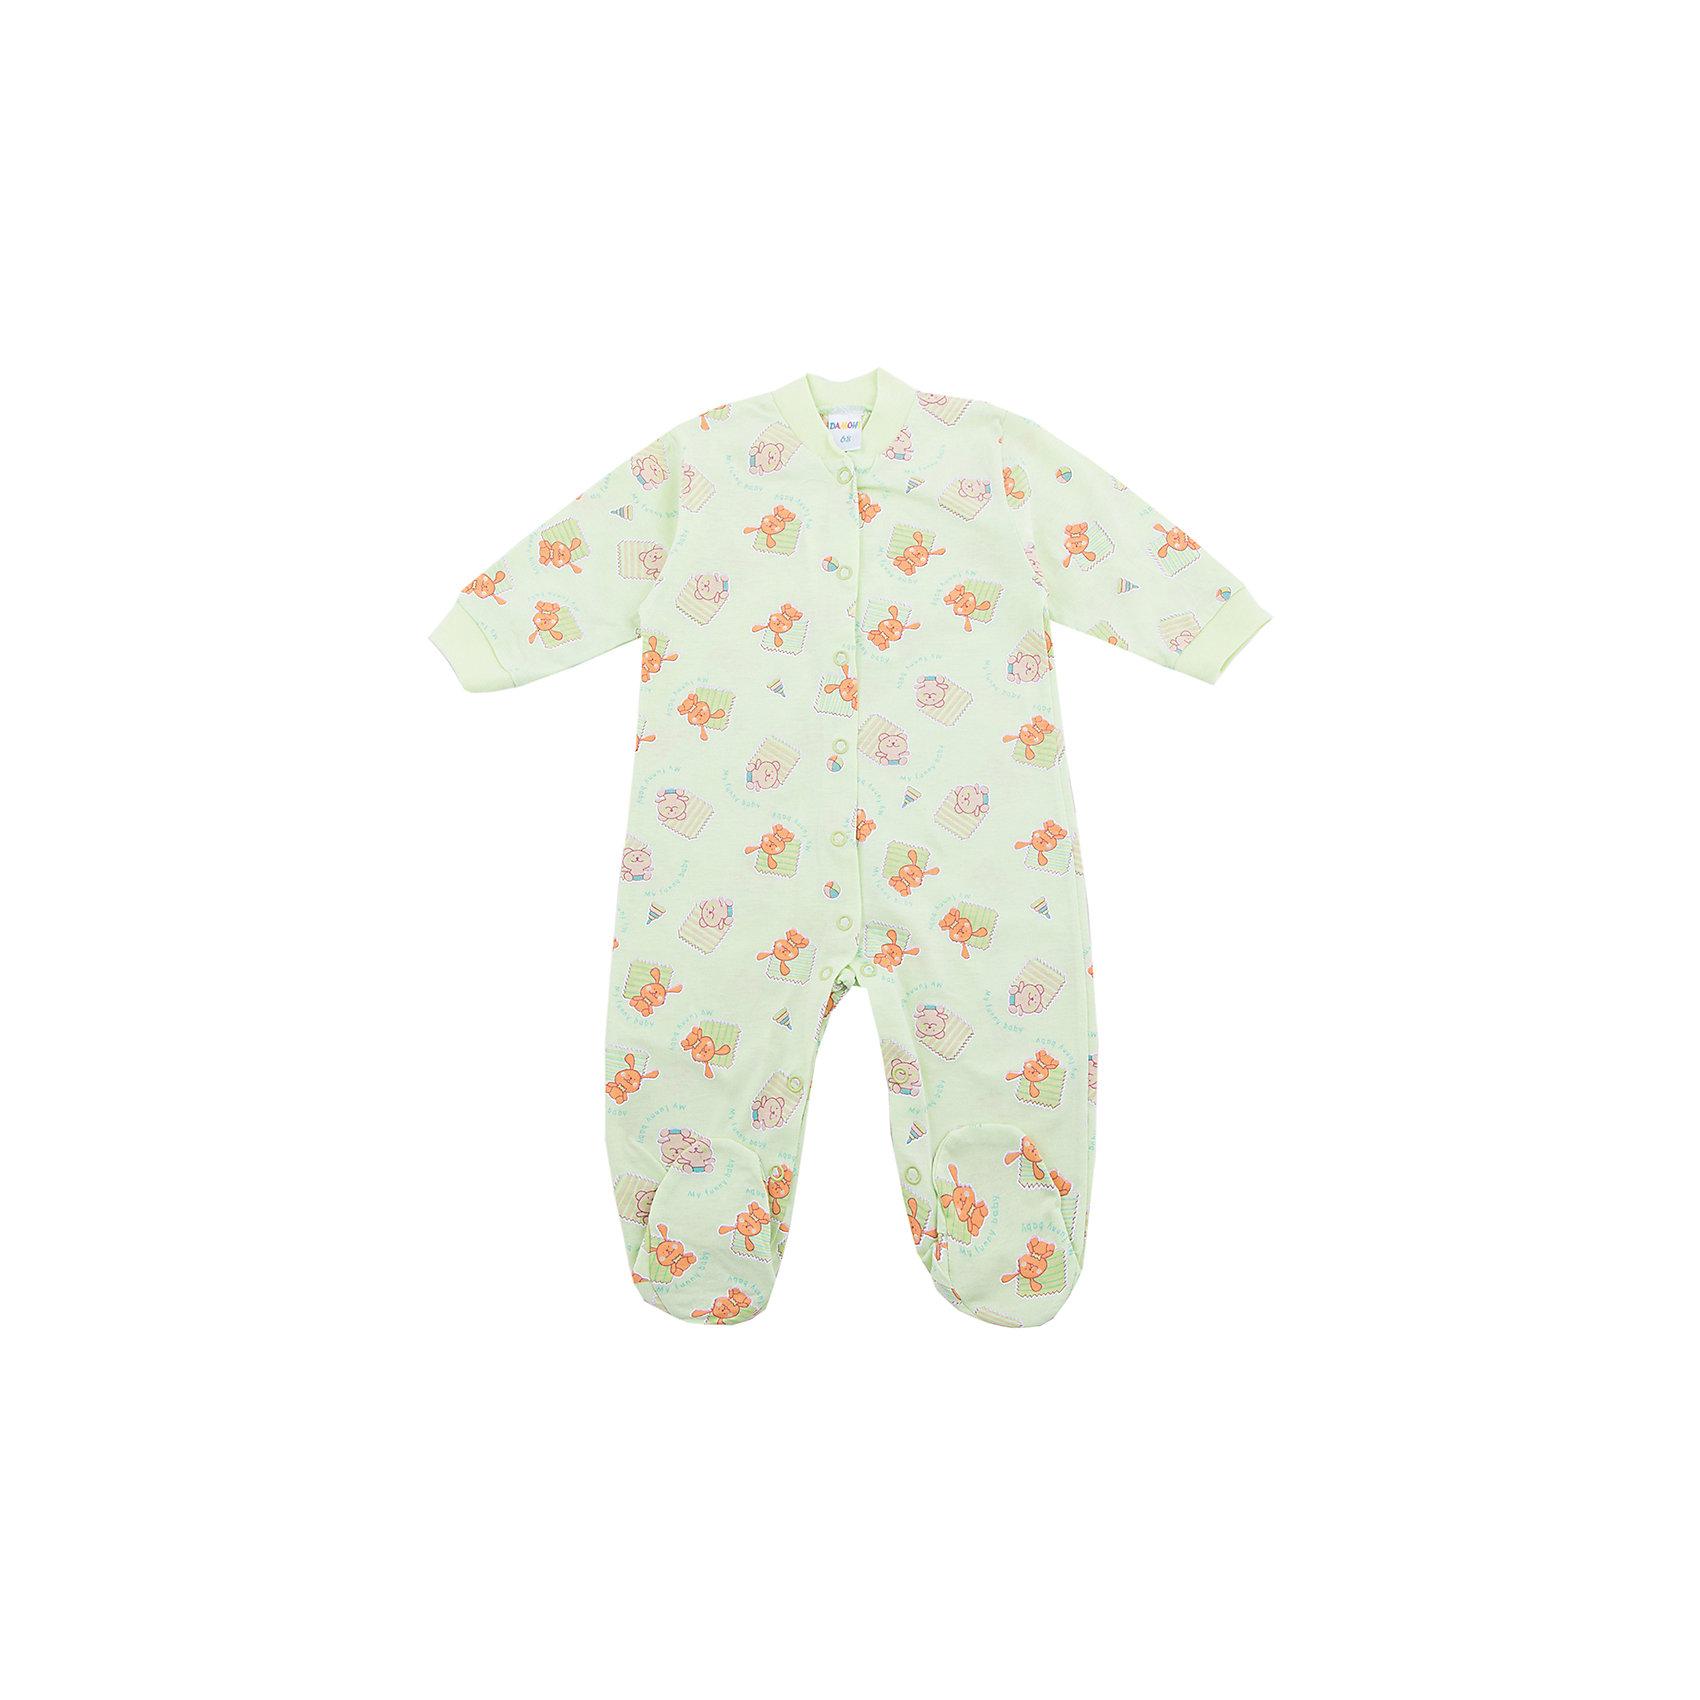 Комбинезон ДамонтДетский комбинезон для мальчика - очень удобный и практичный вид одежды для малыша. Комбинезон выполнен из натурального хлопка, благодаря чему он необычайно мягкий и приятный на ощупь, не раздражает нежную кожу ребенка и хорошо вентилируется, а эластичные швы приятны телу младенца и не препятствуют его движениям.<br><br>Состав: 100% хлопок<br><br>Ширина мм: 157<br>Глубина мм: 13<br>Высота мм: 119<br>Вес г: 200<br>Цвет: зеленый<br>Возраст от месяцев: 12<br>Возраст до месяцев: 18<br>Пол: Унисекс<br>Возраст: Детский<br>Размер: 86,68,74,80<br>SKU: 4264963